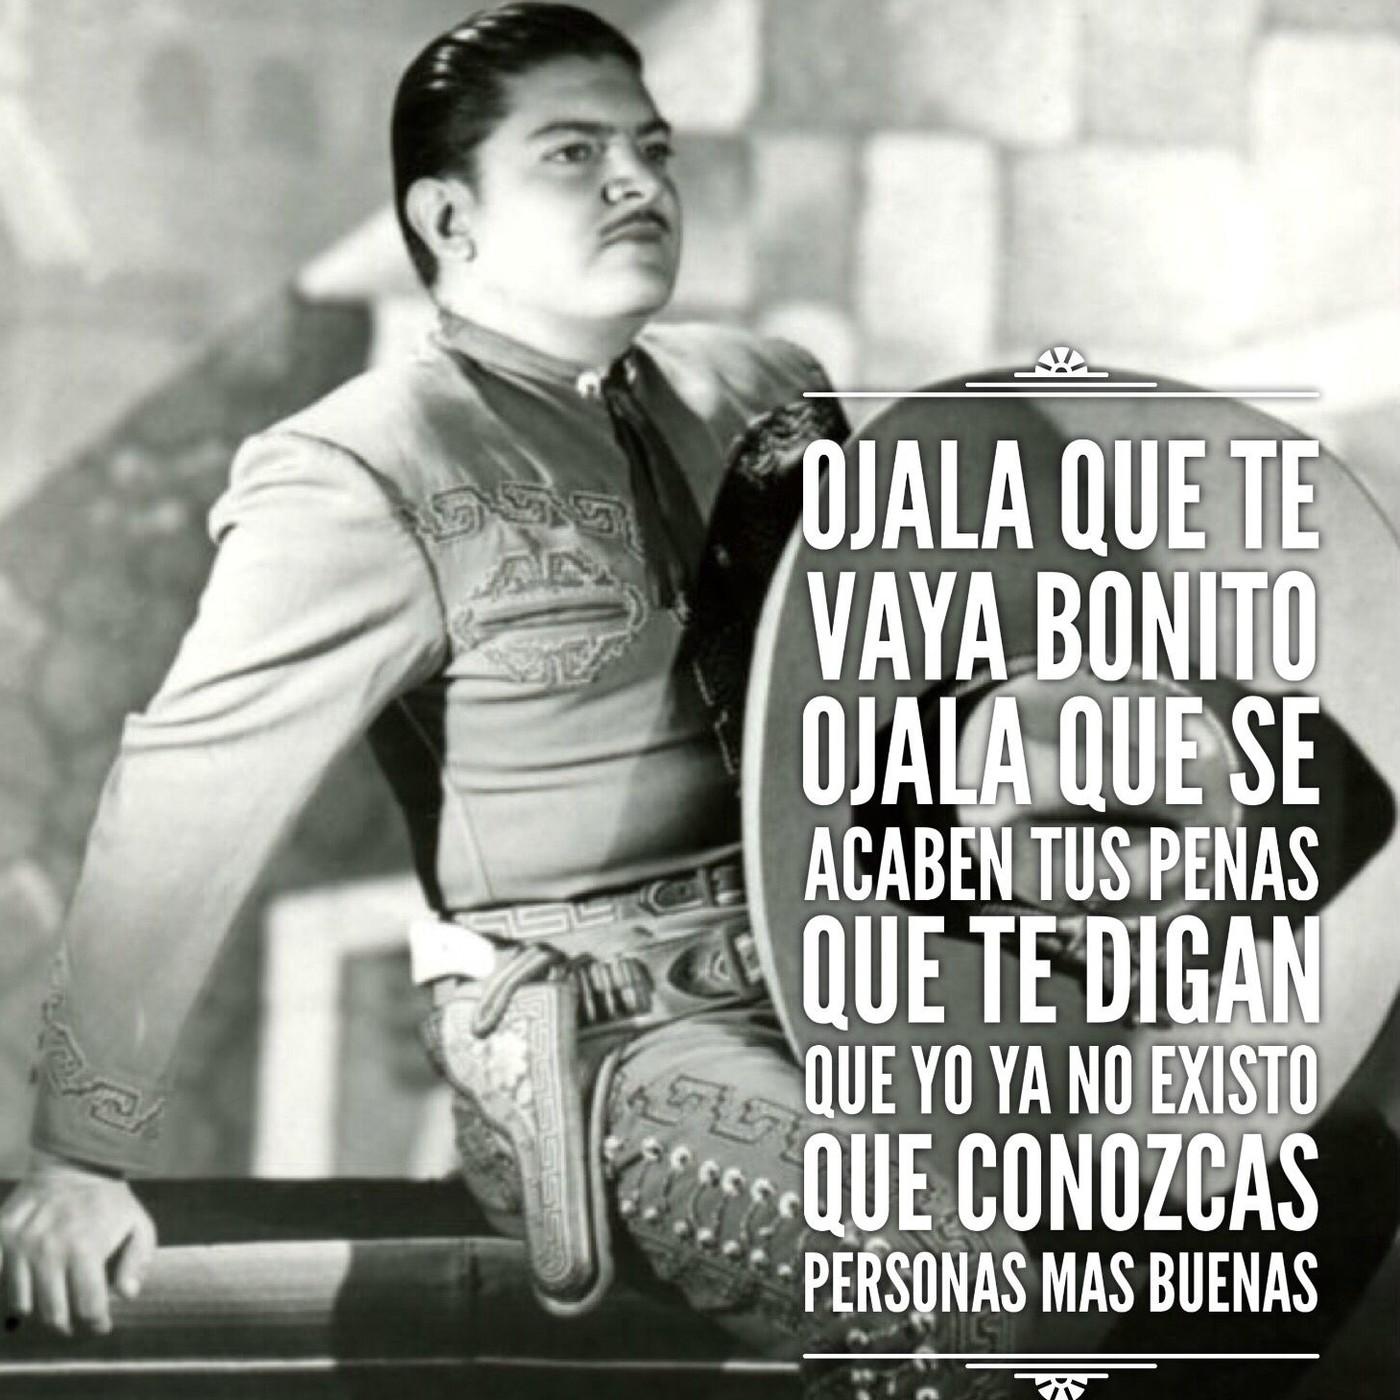 Ojalá Que Te Vaya Bonito En Canciones Con Historia En Euskadi Hoy En Mp3 15 11 A Las 15 22 05 17 57 44354428 Ivoox